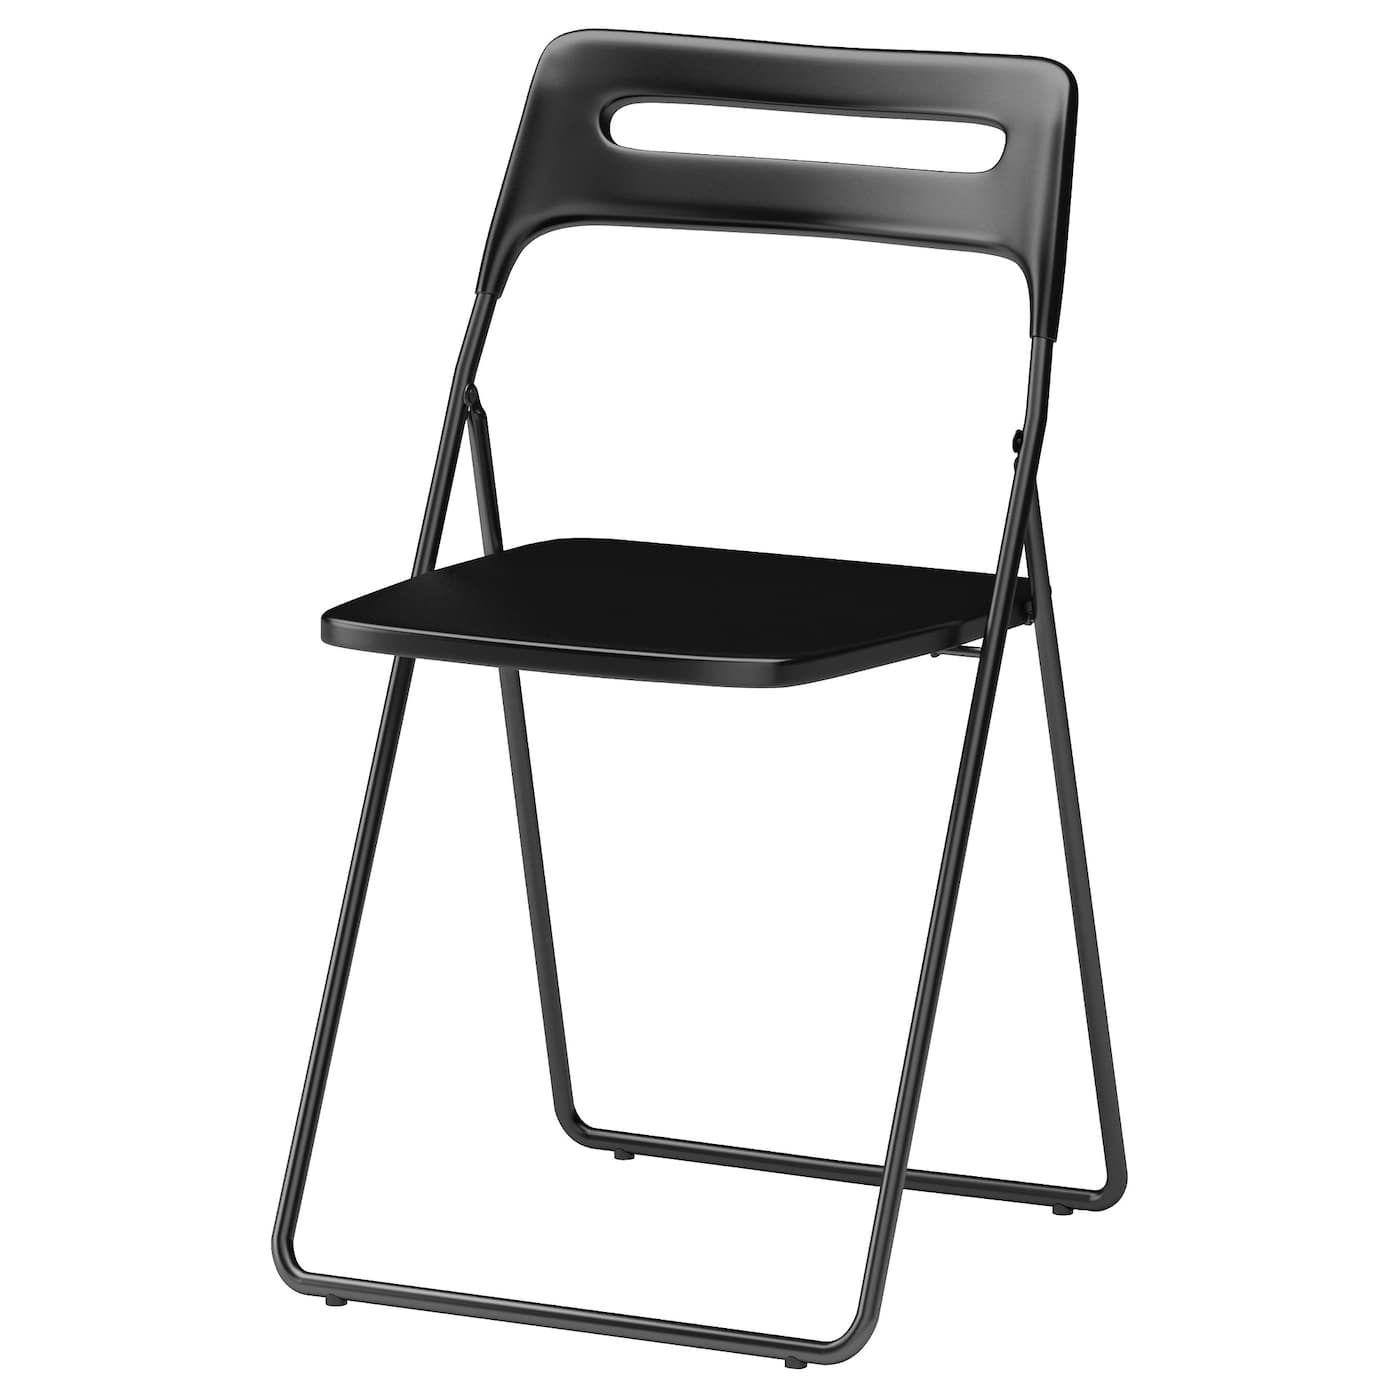 IKEA NISSE Black Folding chair | Folding chair, Ikea ...